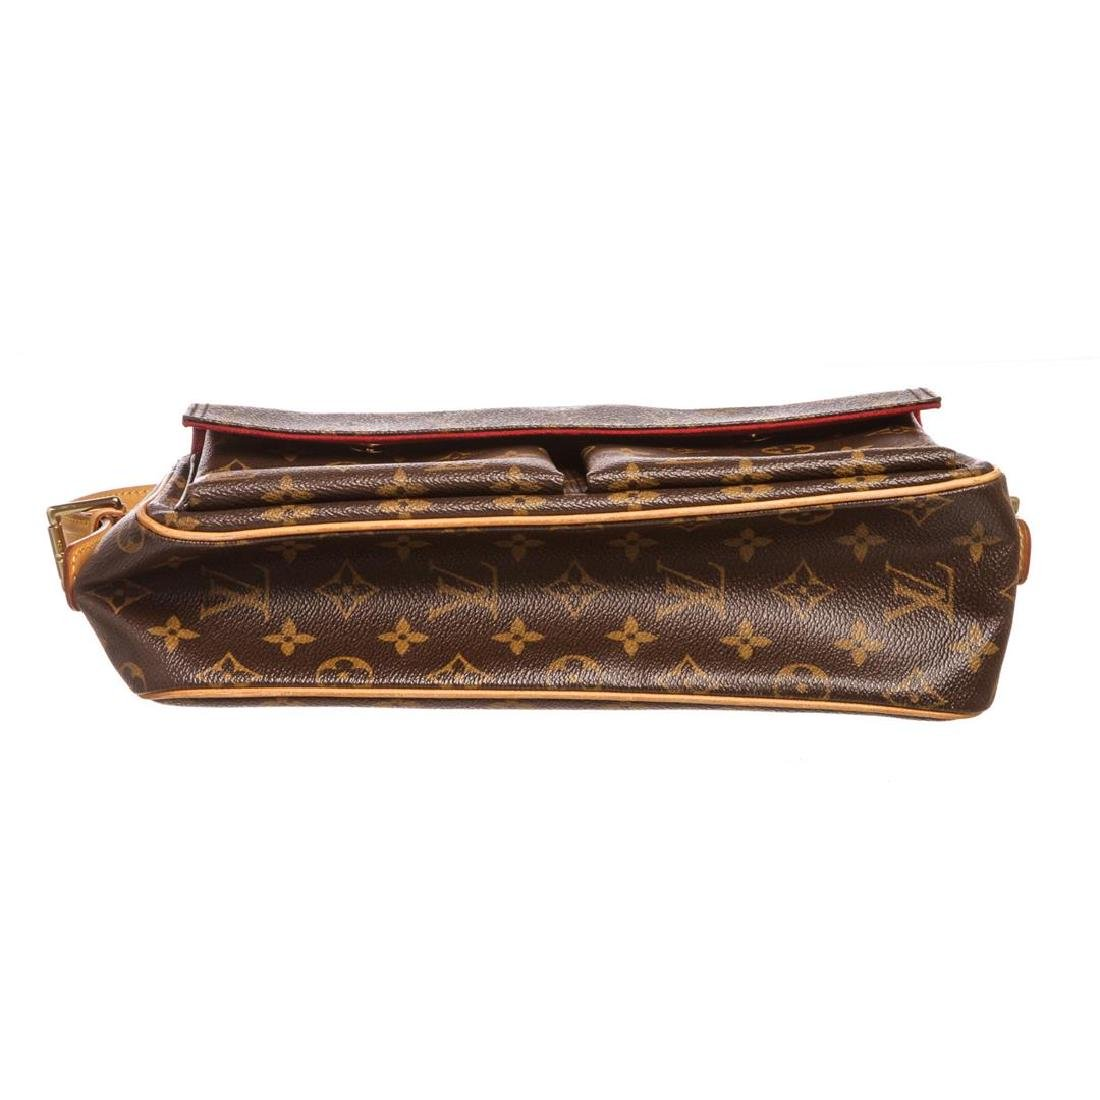 Louis Vuitton Monogram Canvas Leather Viva Cite MM Bag - 4